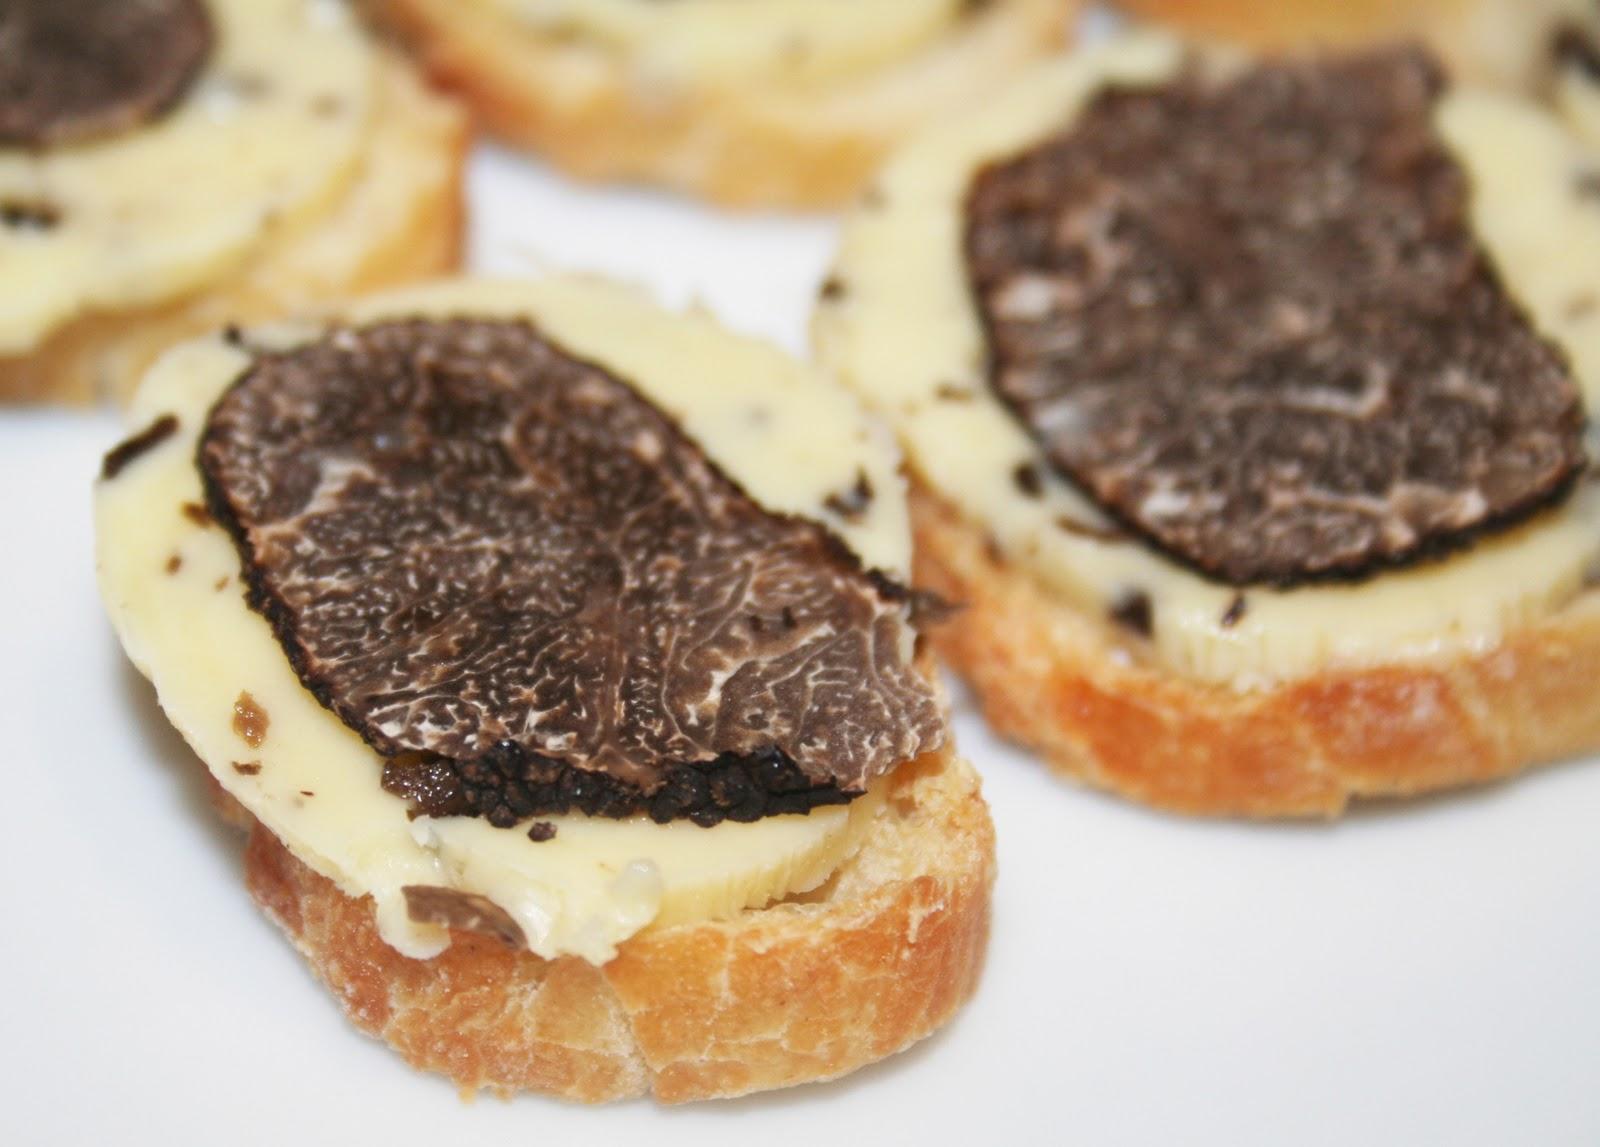 La cuisine de bernard cro tons au beurre de truffe noire - Comment cuisiner les truffes noires ...